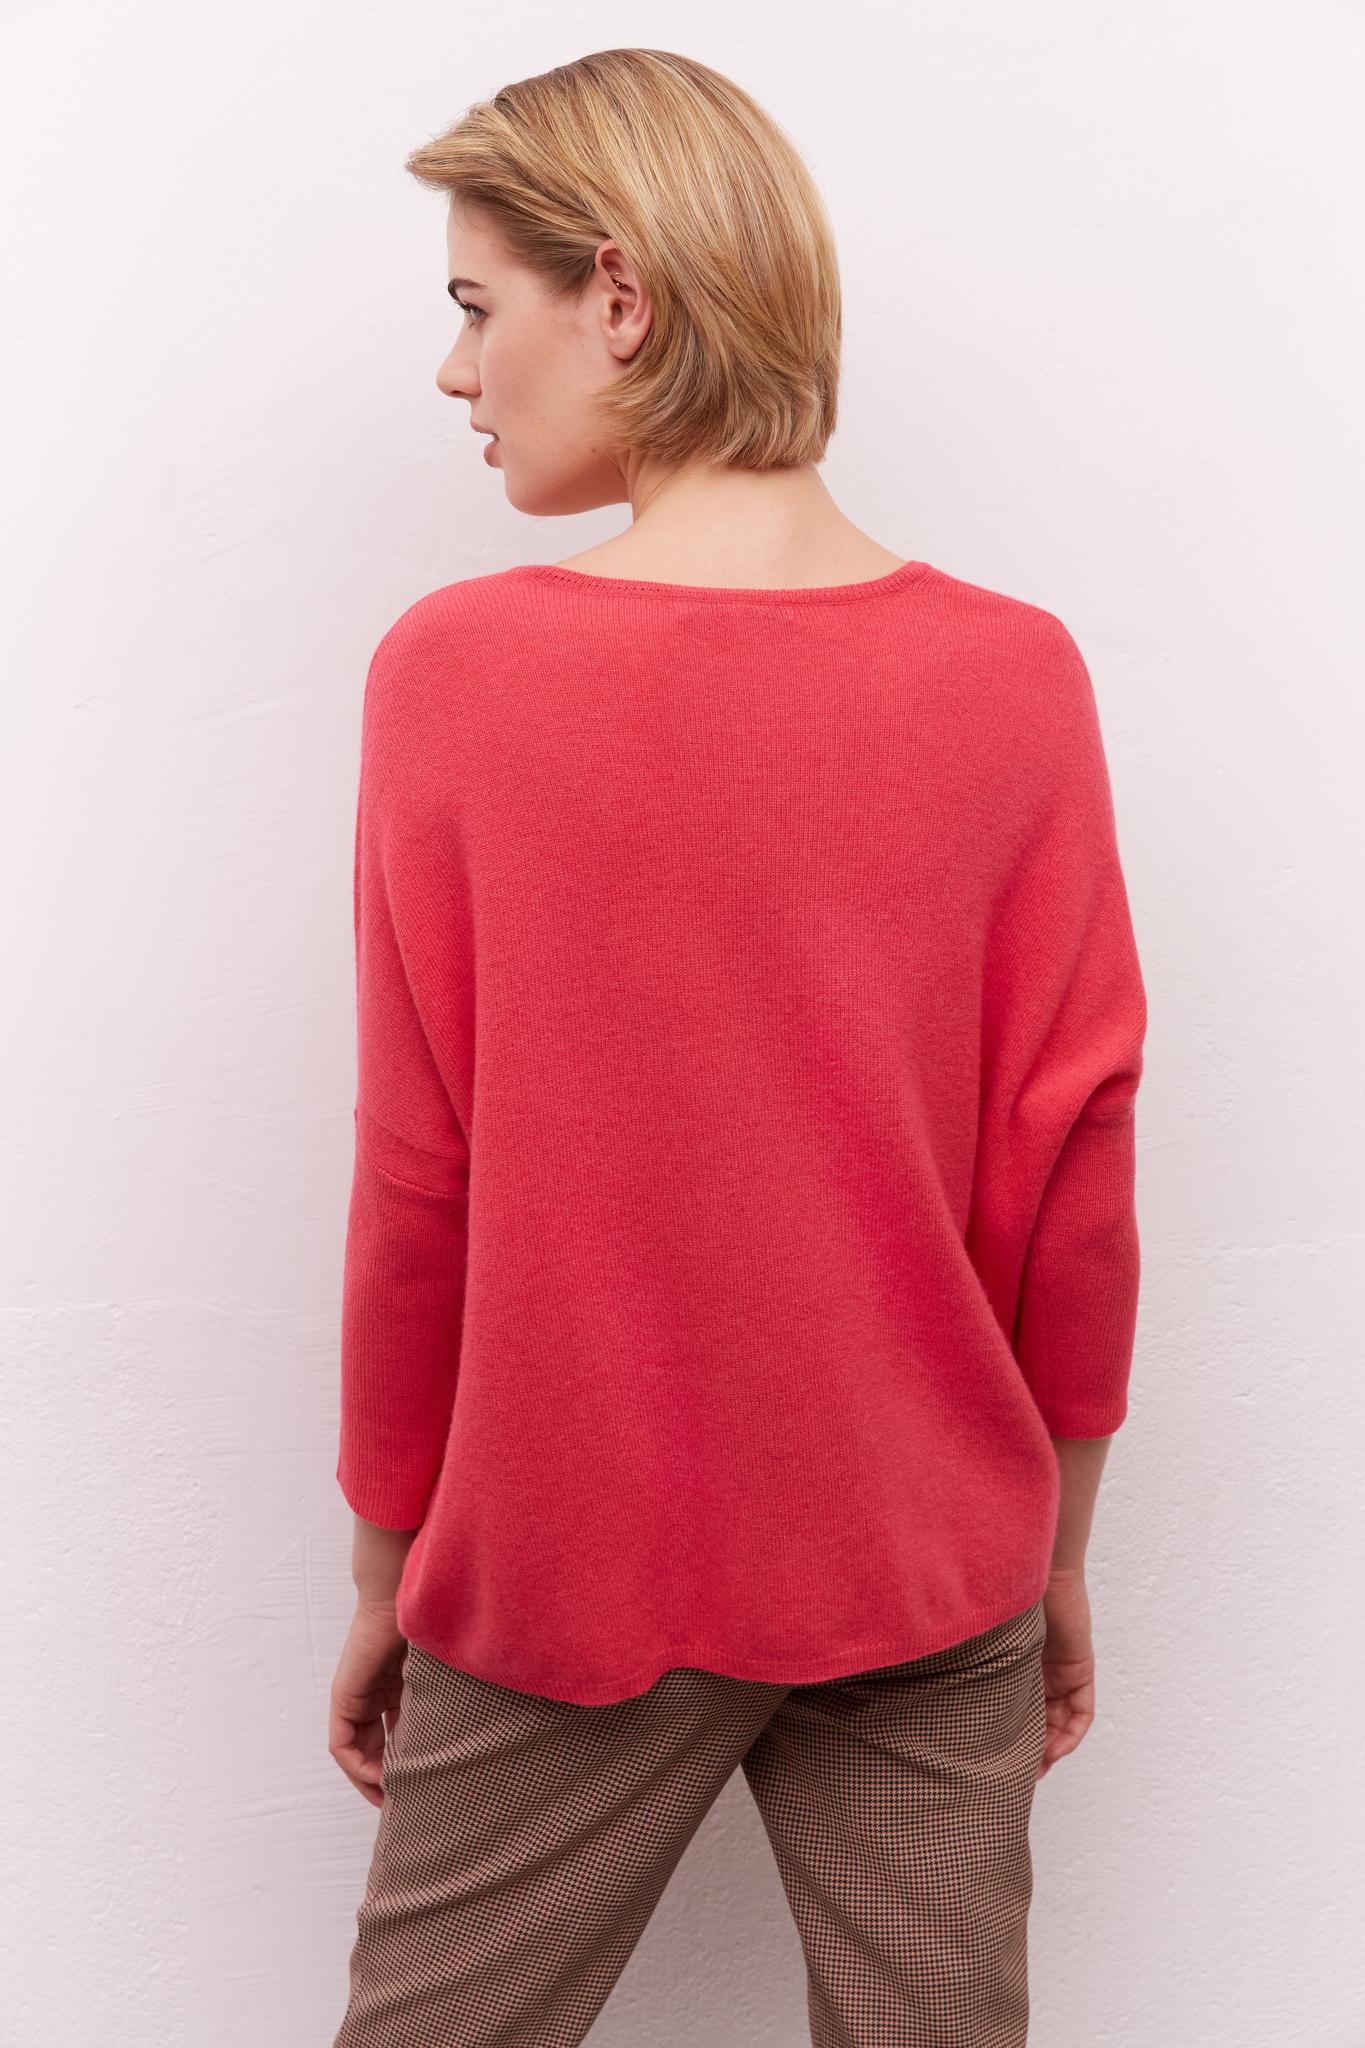 LOUISON - Кашемировый свитер свободного кроя с V-образным вырезом